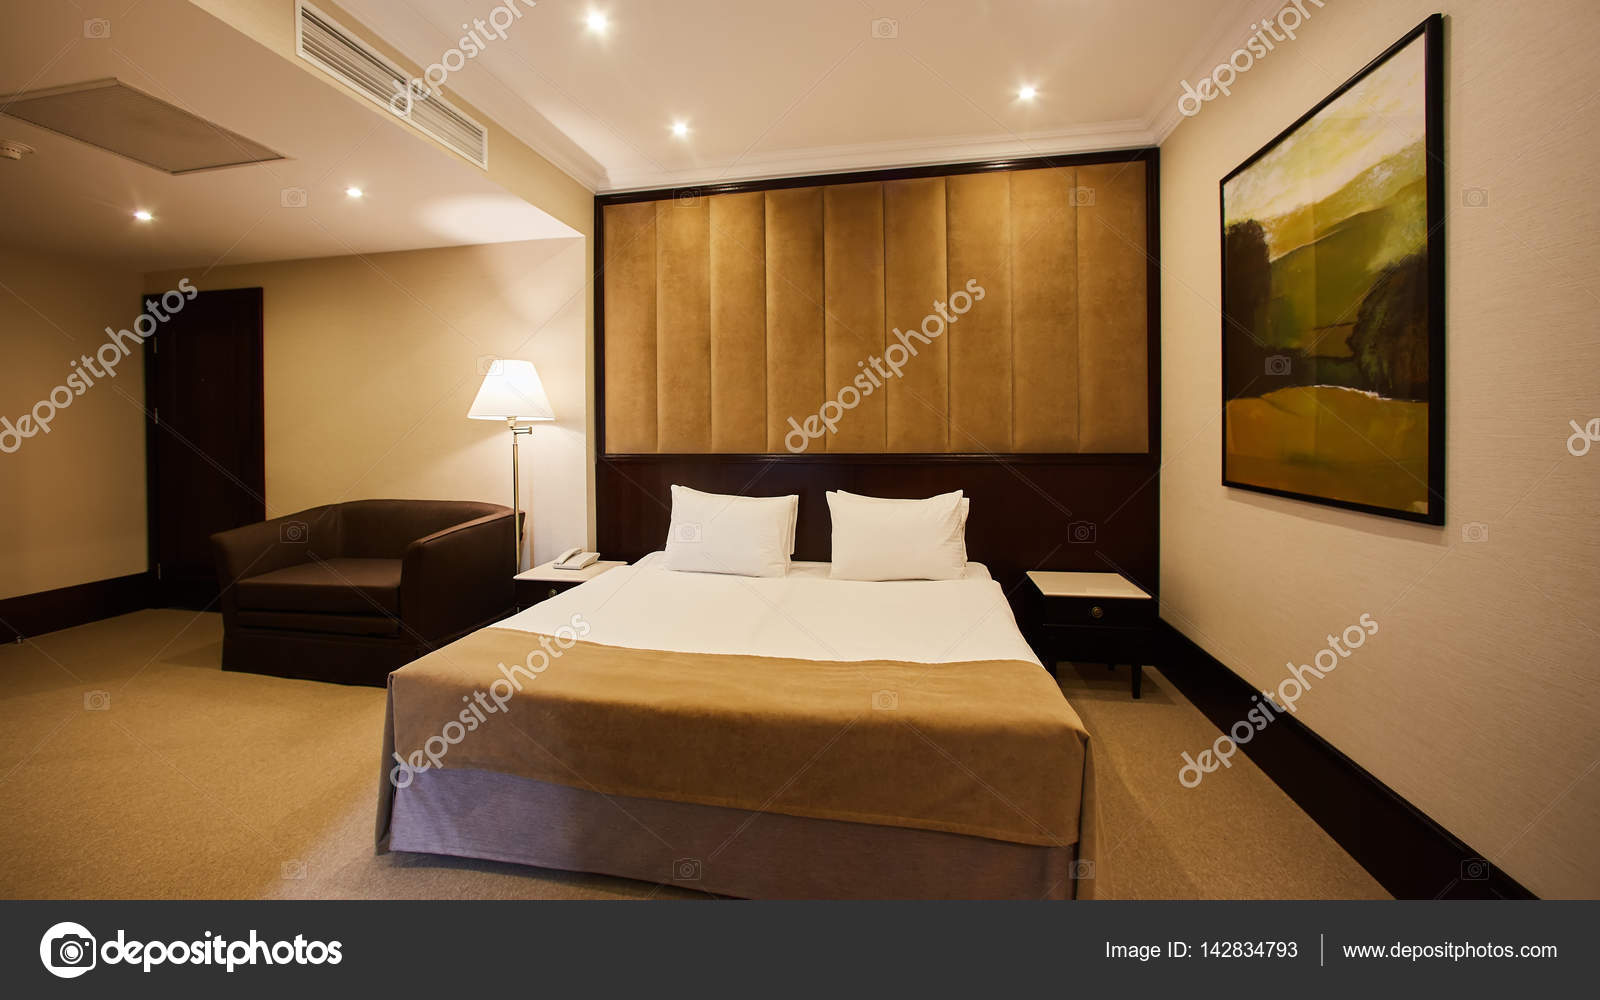 Bella camera da letto decorazione interni design hotel for Immagini design interni